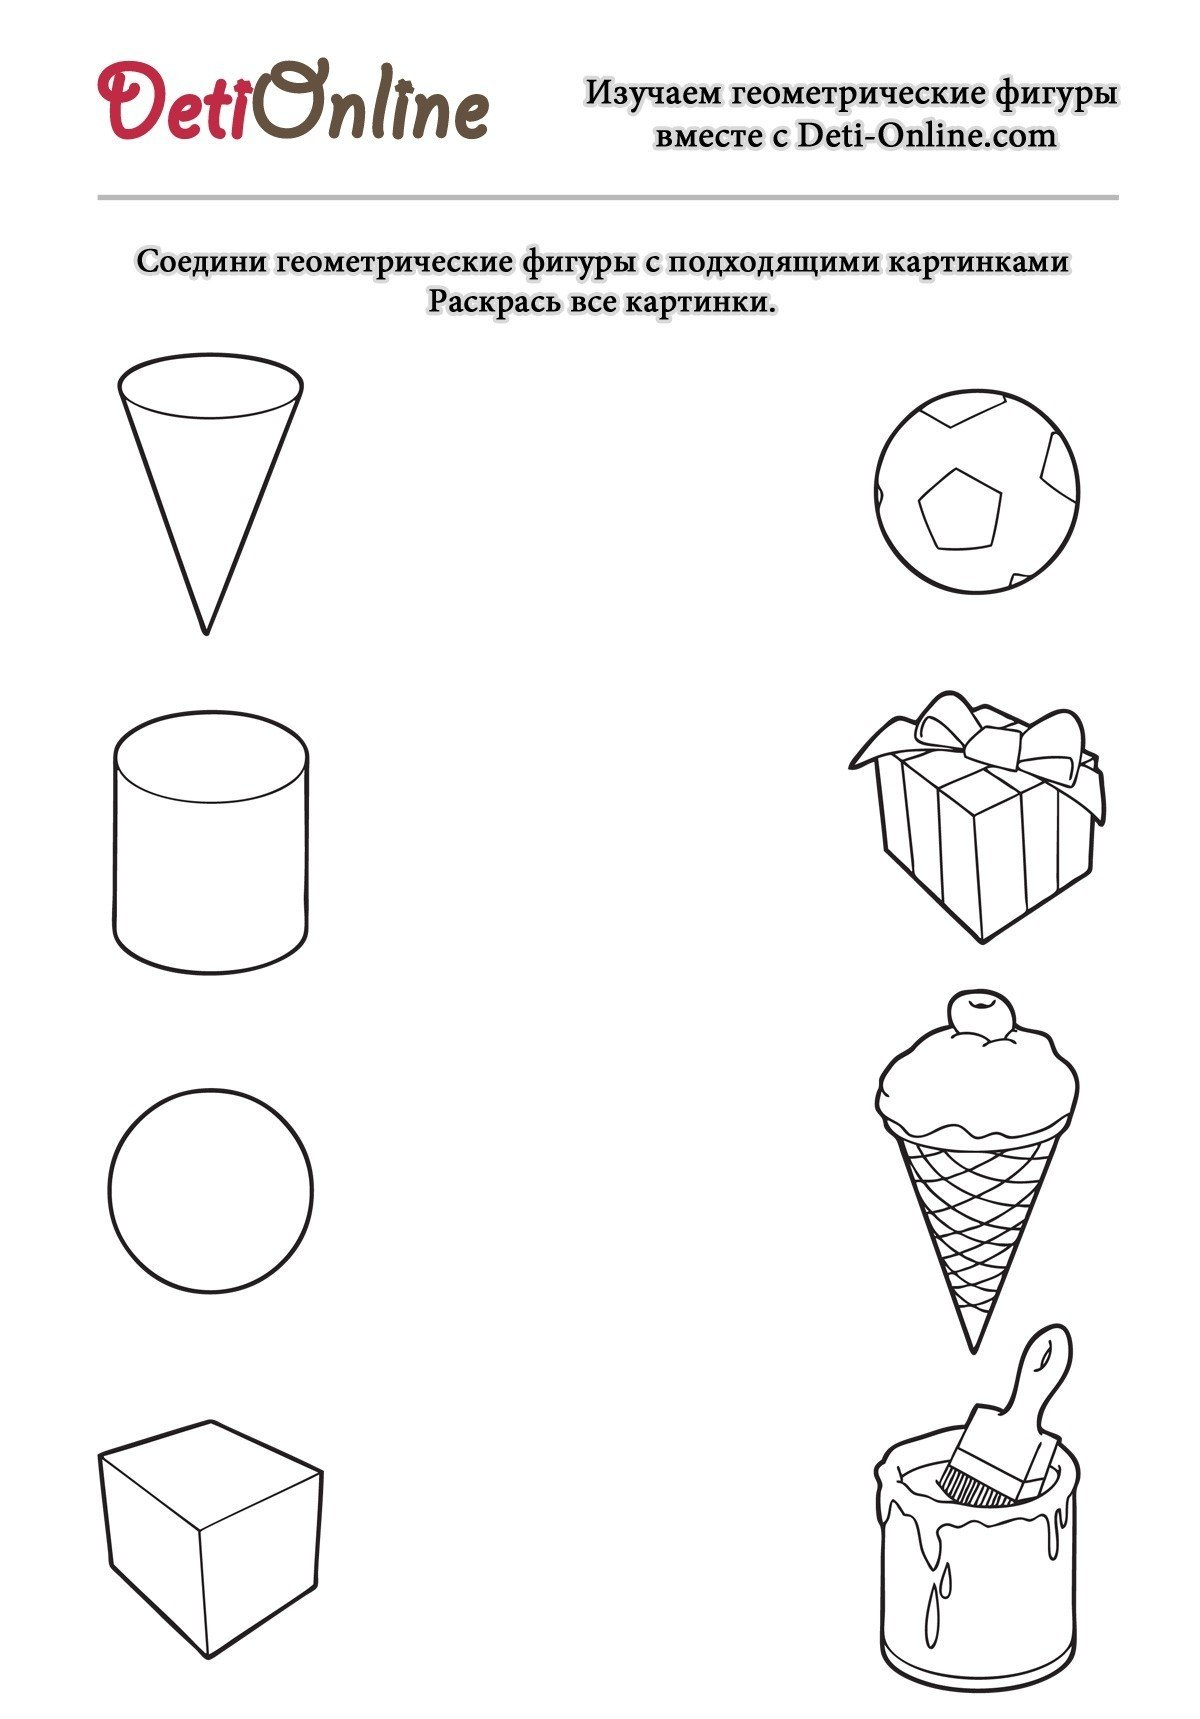 раскраска геометрические формы распечатать бесплатно в